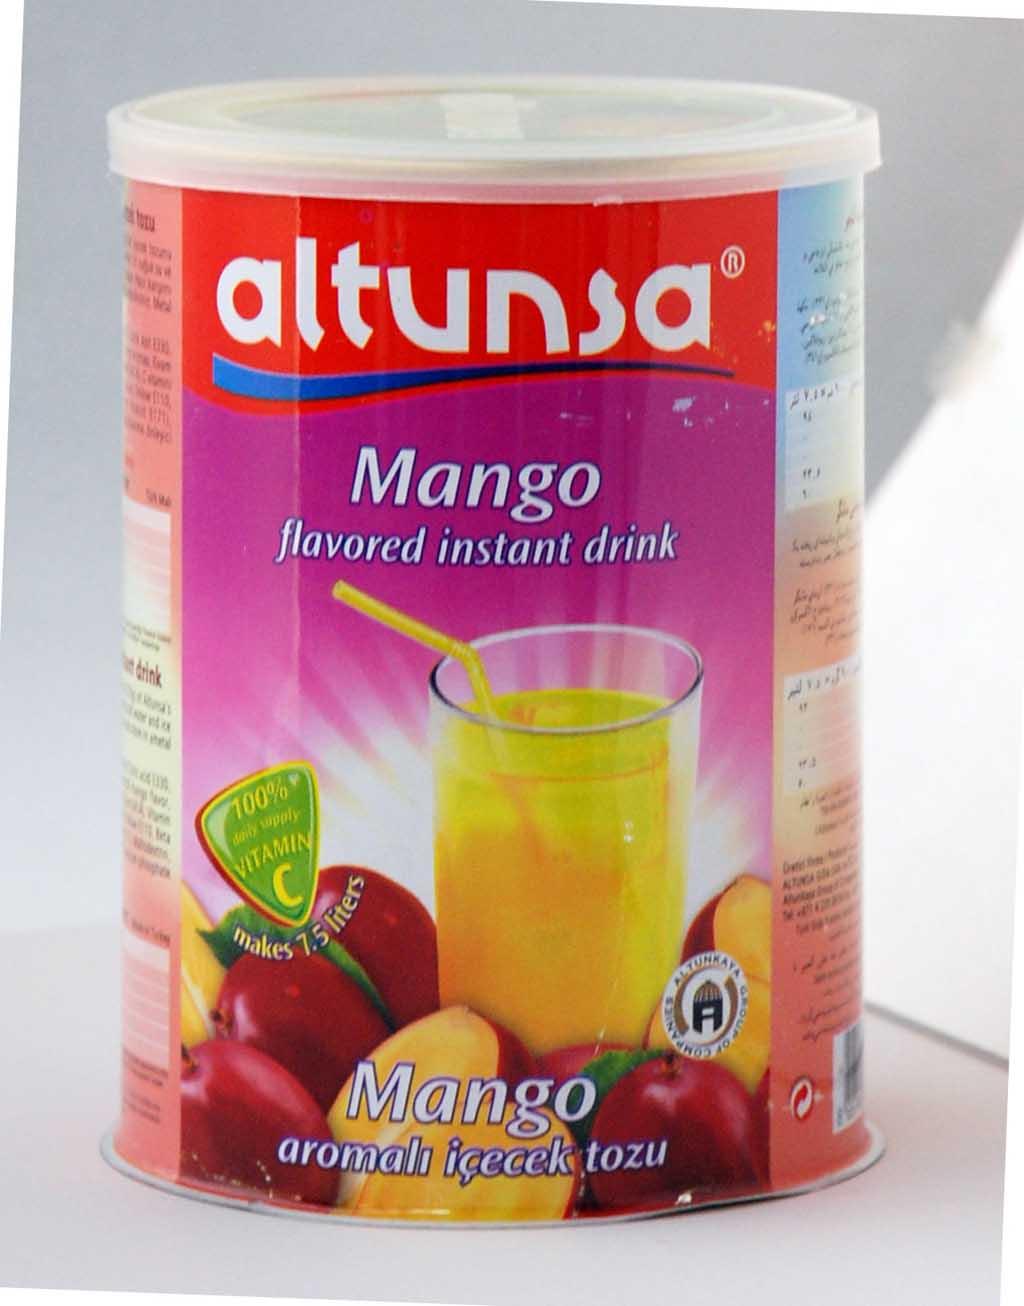 Altunsa Mango Flavoured Instant Drink (Altunsa Манго ароматизированный растворимый напиток)